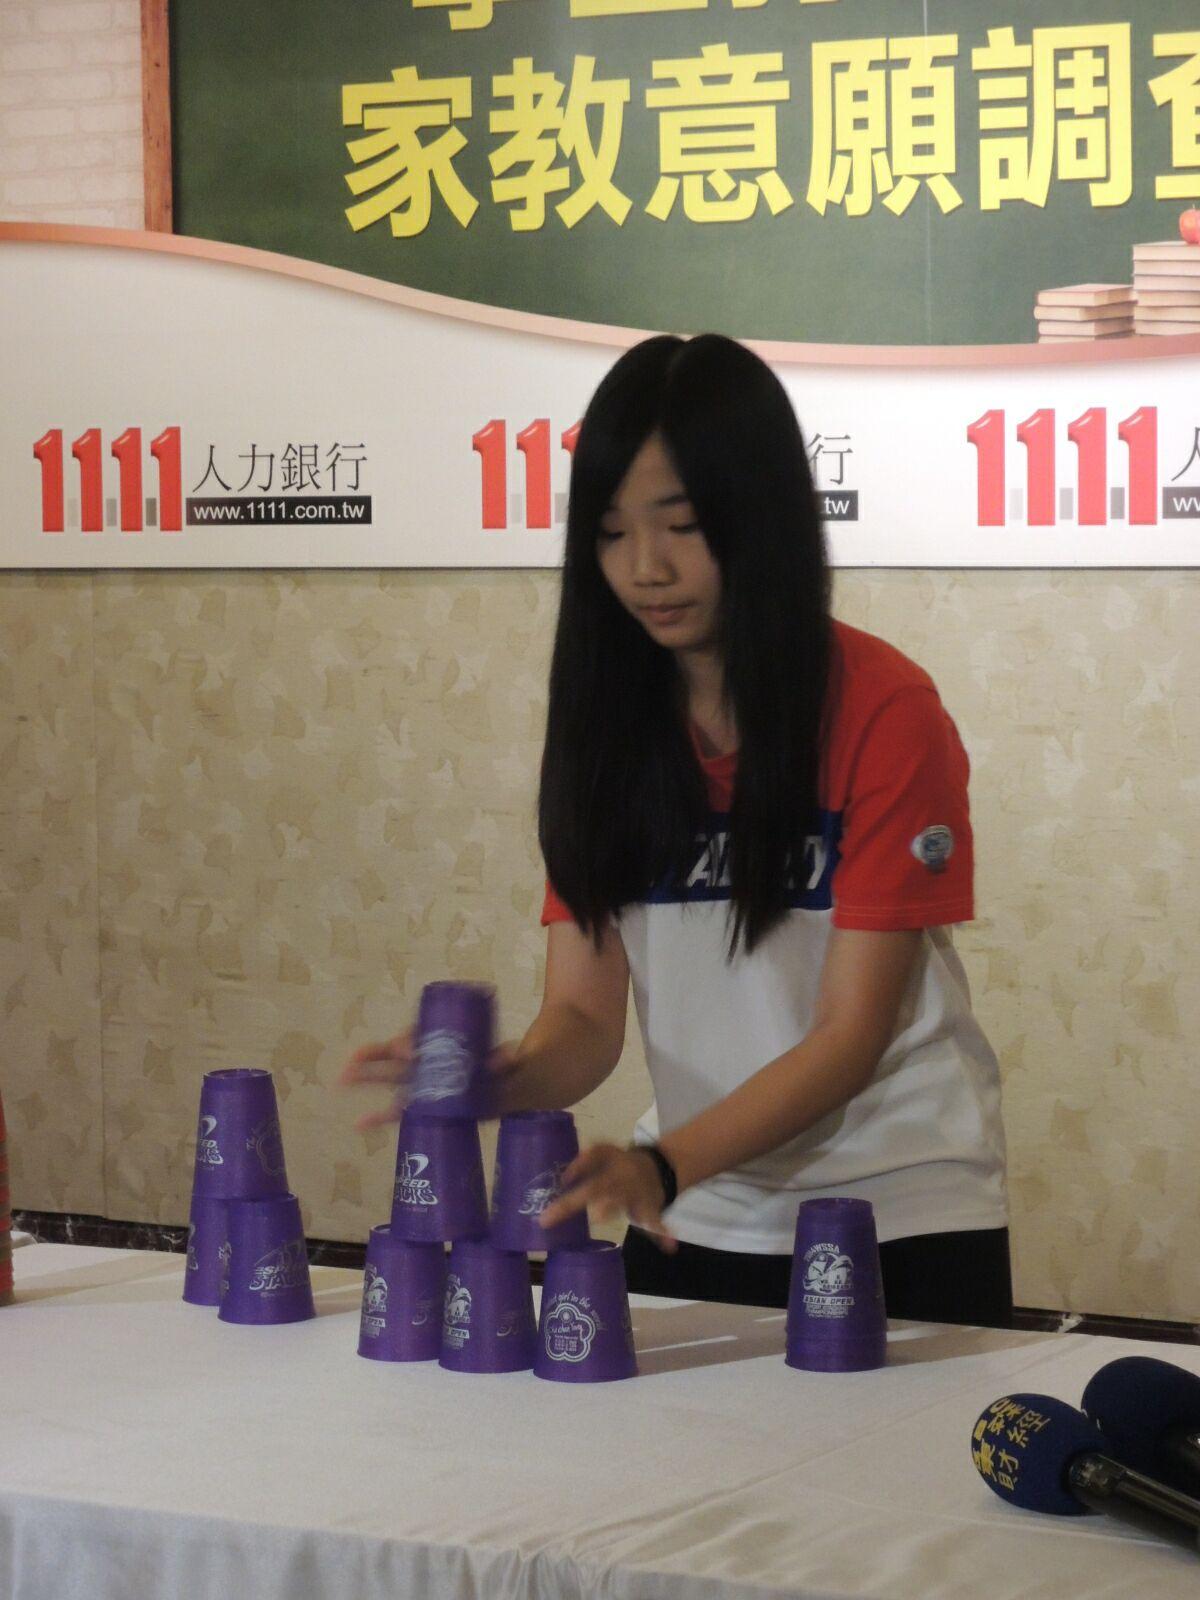 由18岁起,妮妮便选择担任「叠杯教练」,主要学群为小学生,幼稚园学童.